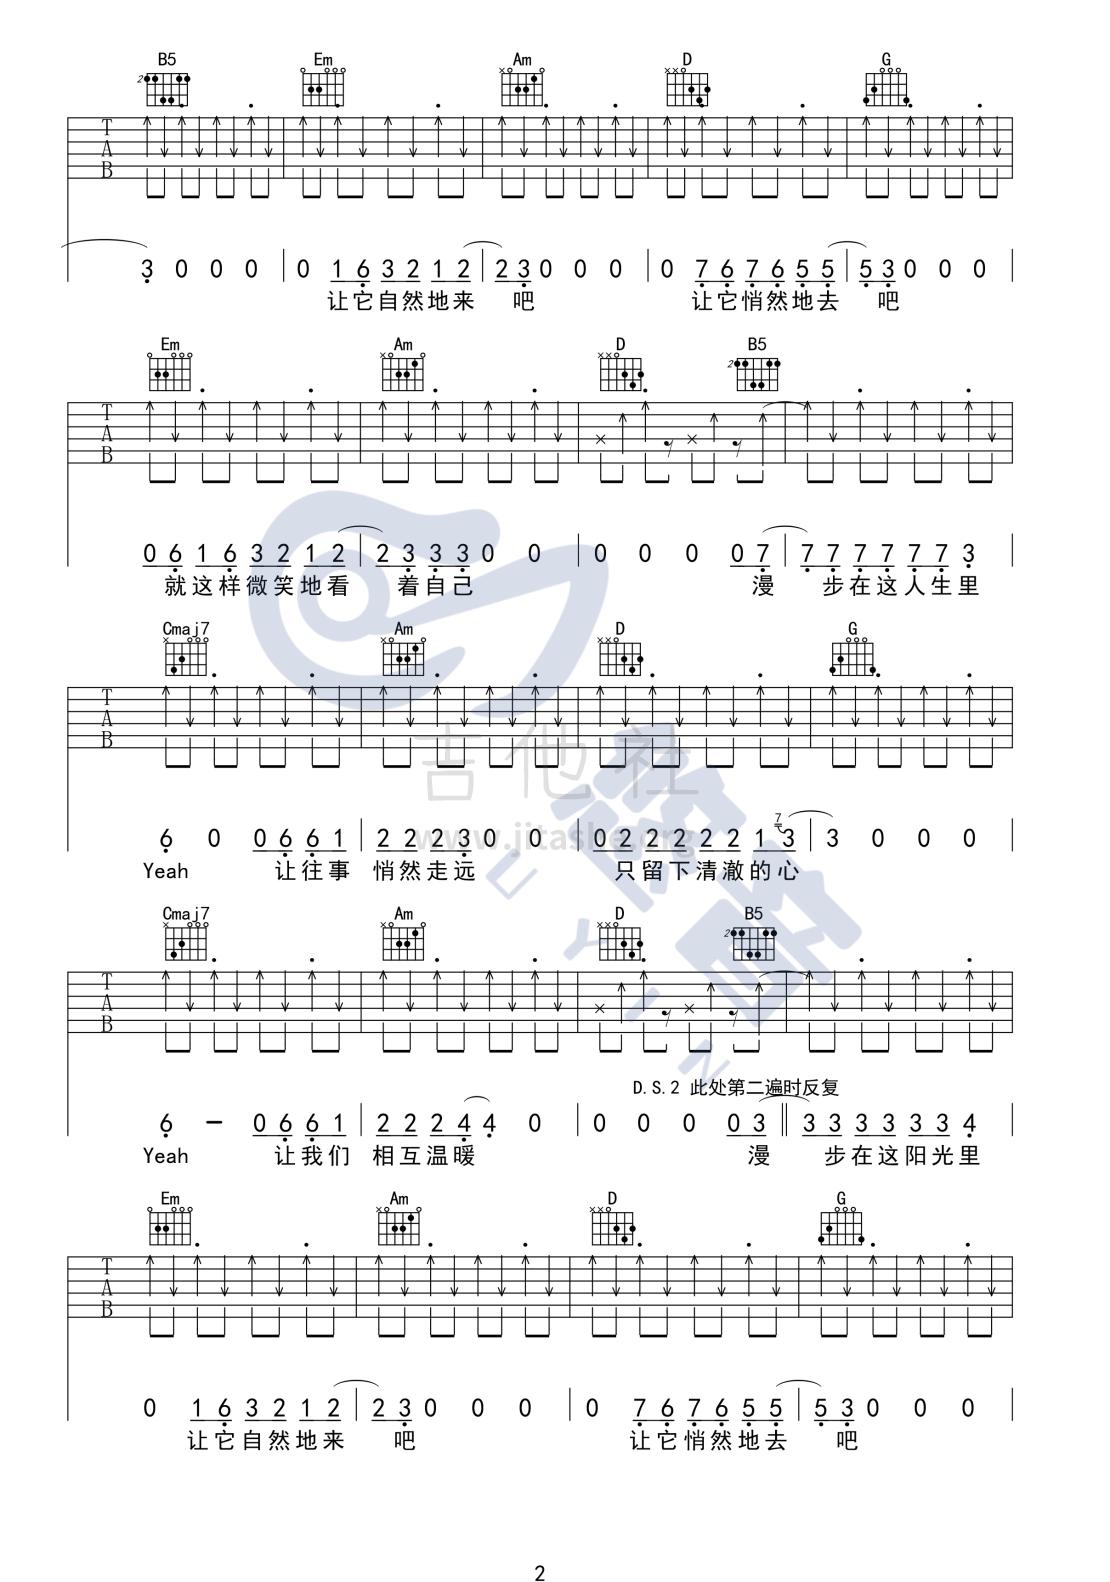 漫步吉他谱(图片谱,弹唱,G调)_许巍_漫步_UYIN_2.png